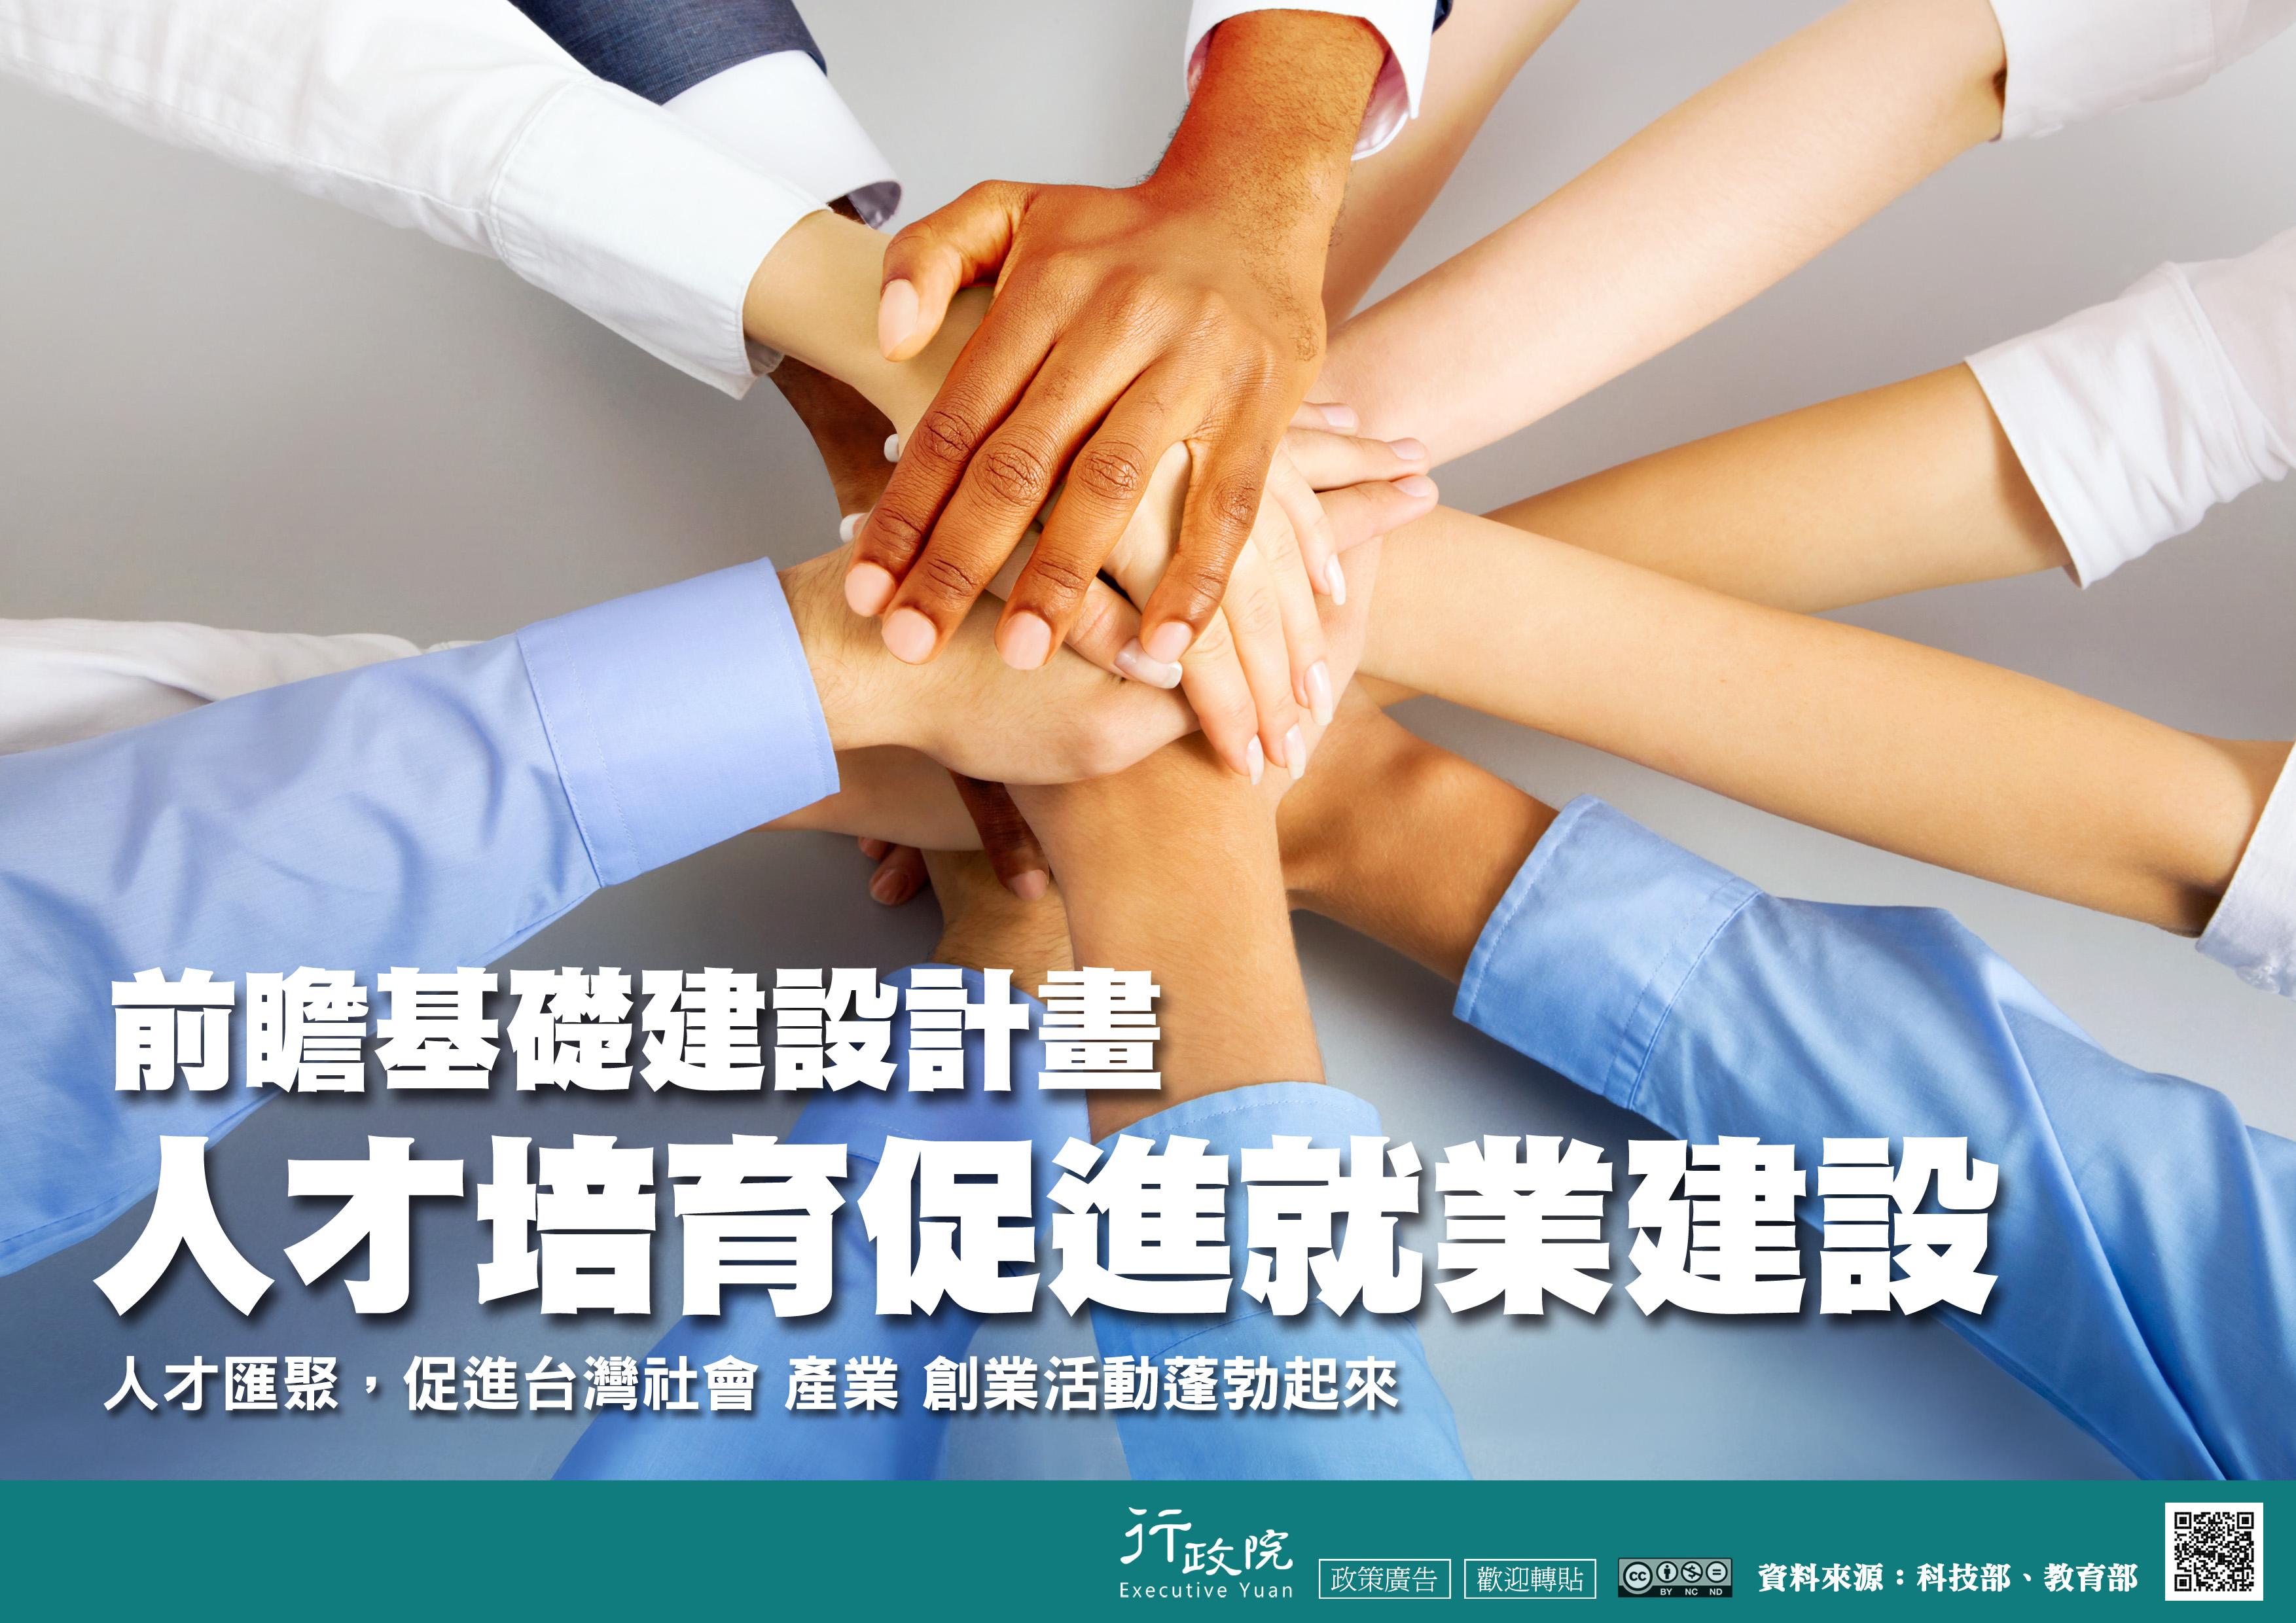 前瞻基礎建設計畫─人才培育促進就業建設:人才匯聚,促進台灣社會、產業、創業活動蓬勃起來